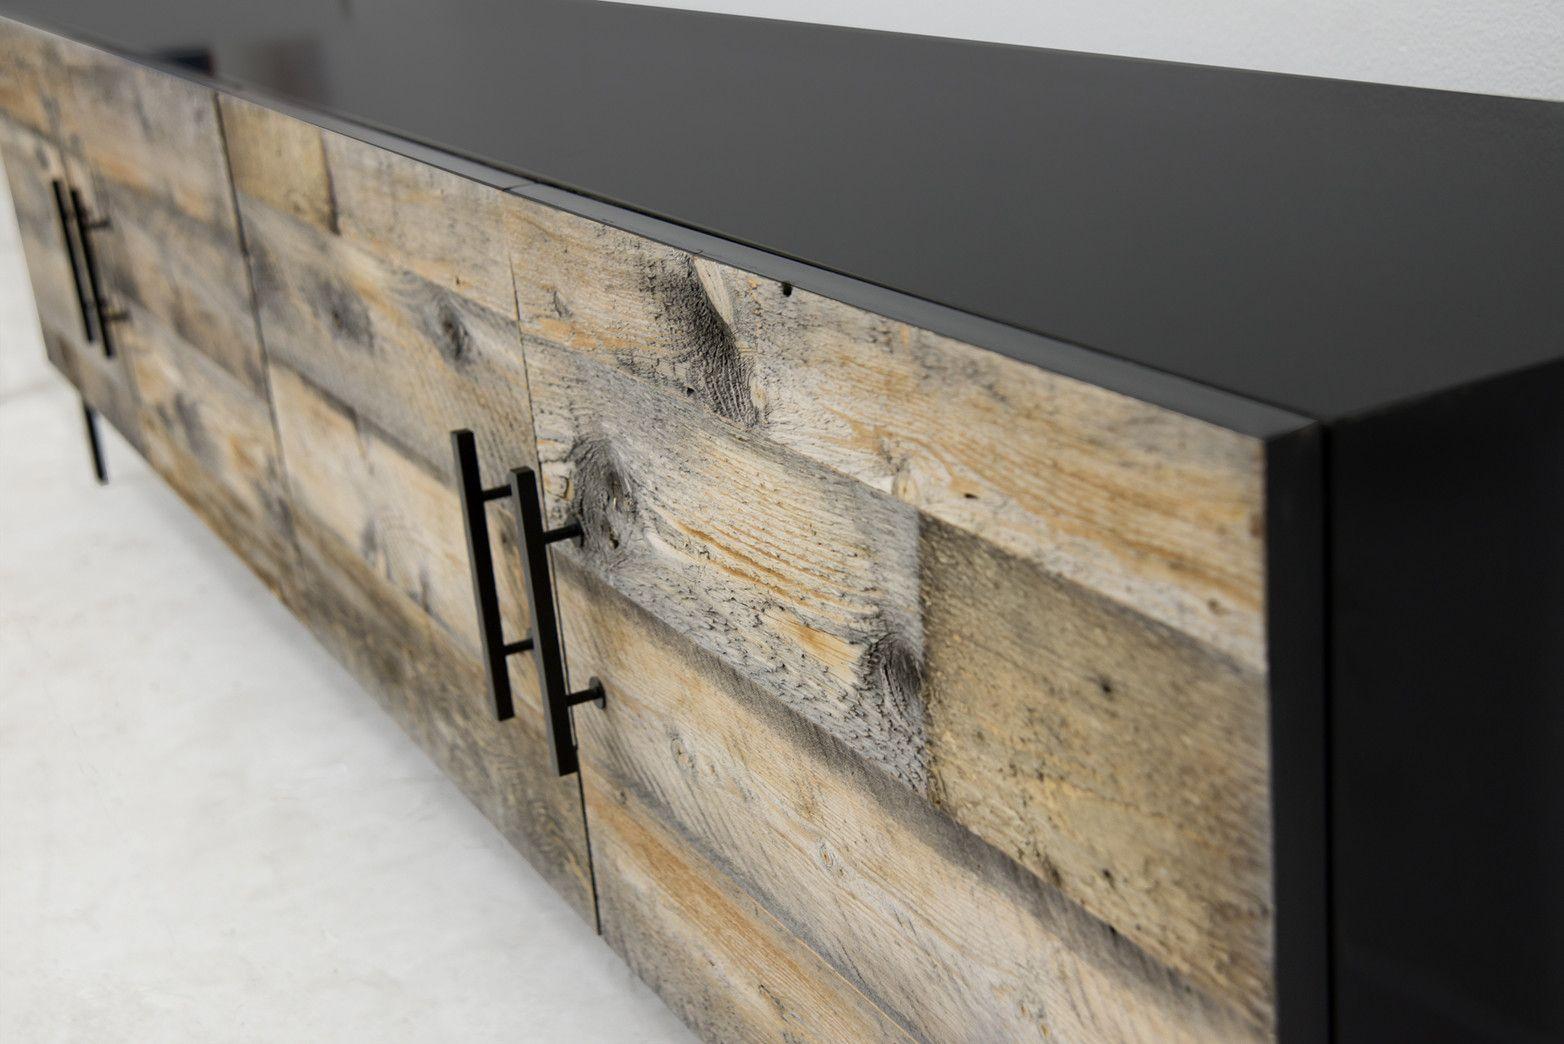 Credenza Dark : Unique dark wood server credenza for sale in minden nevada